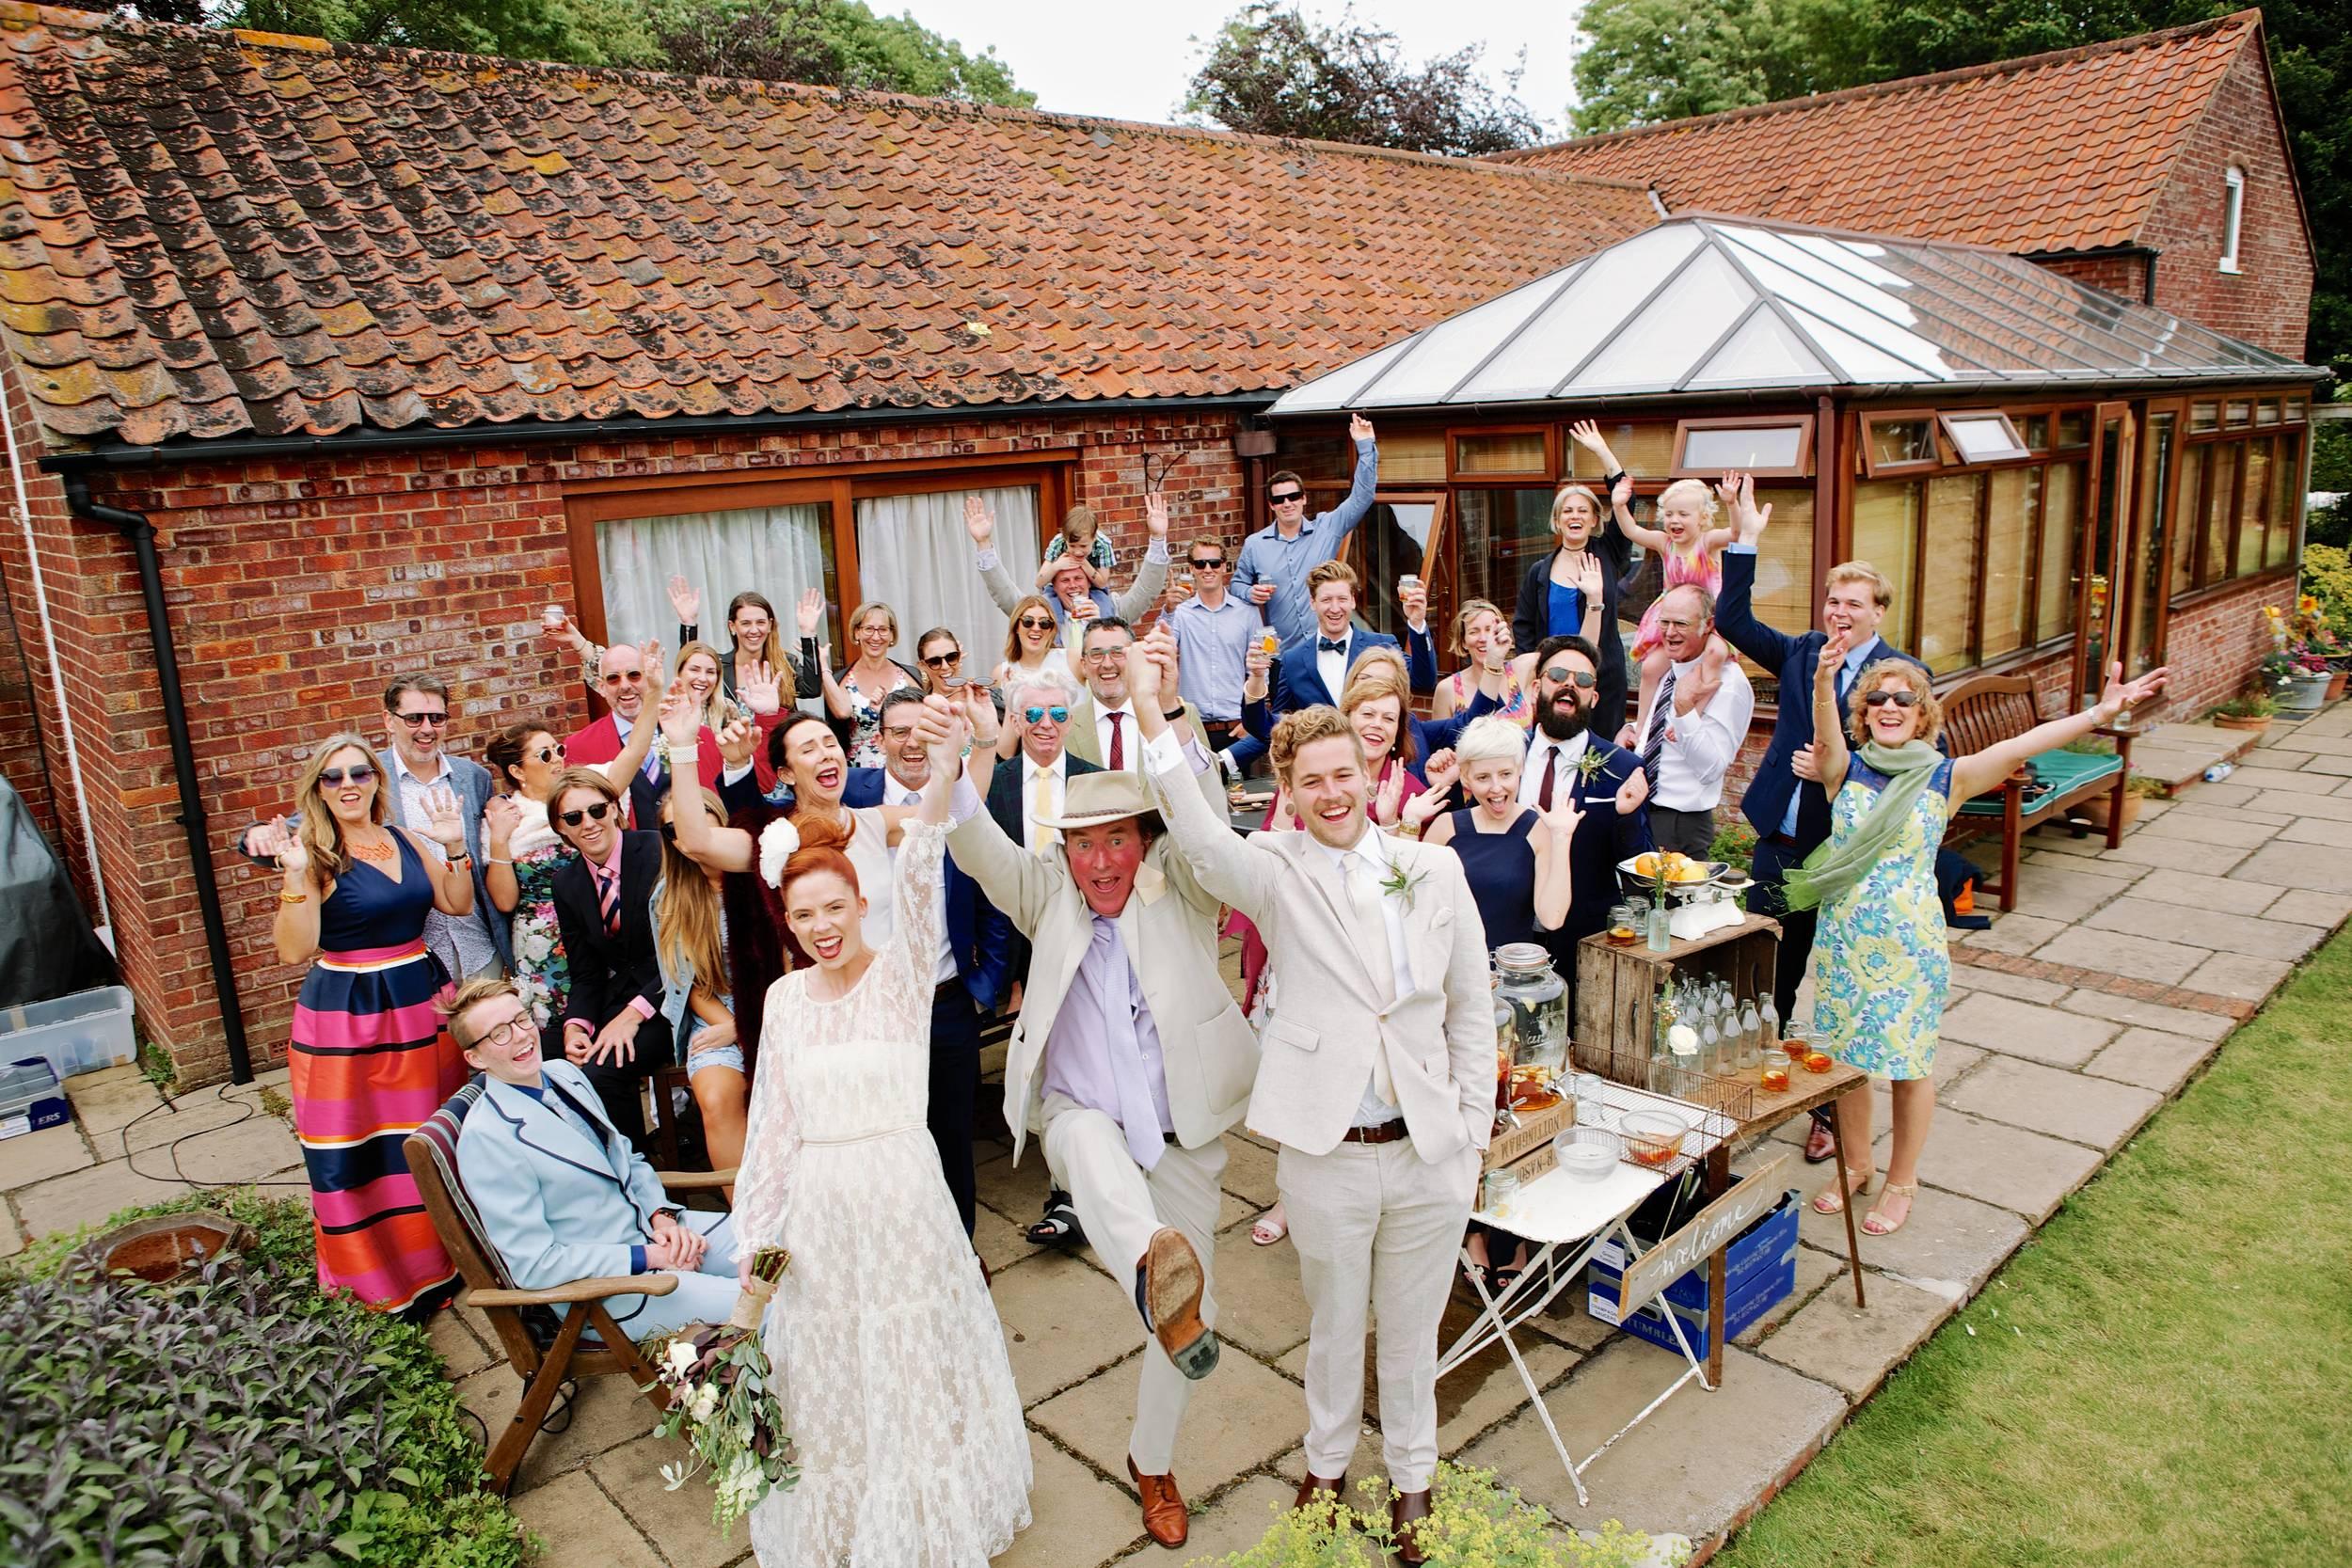 Hill_Wedding_3O5A5738.jpg